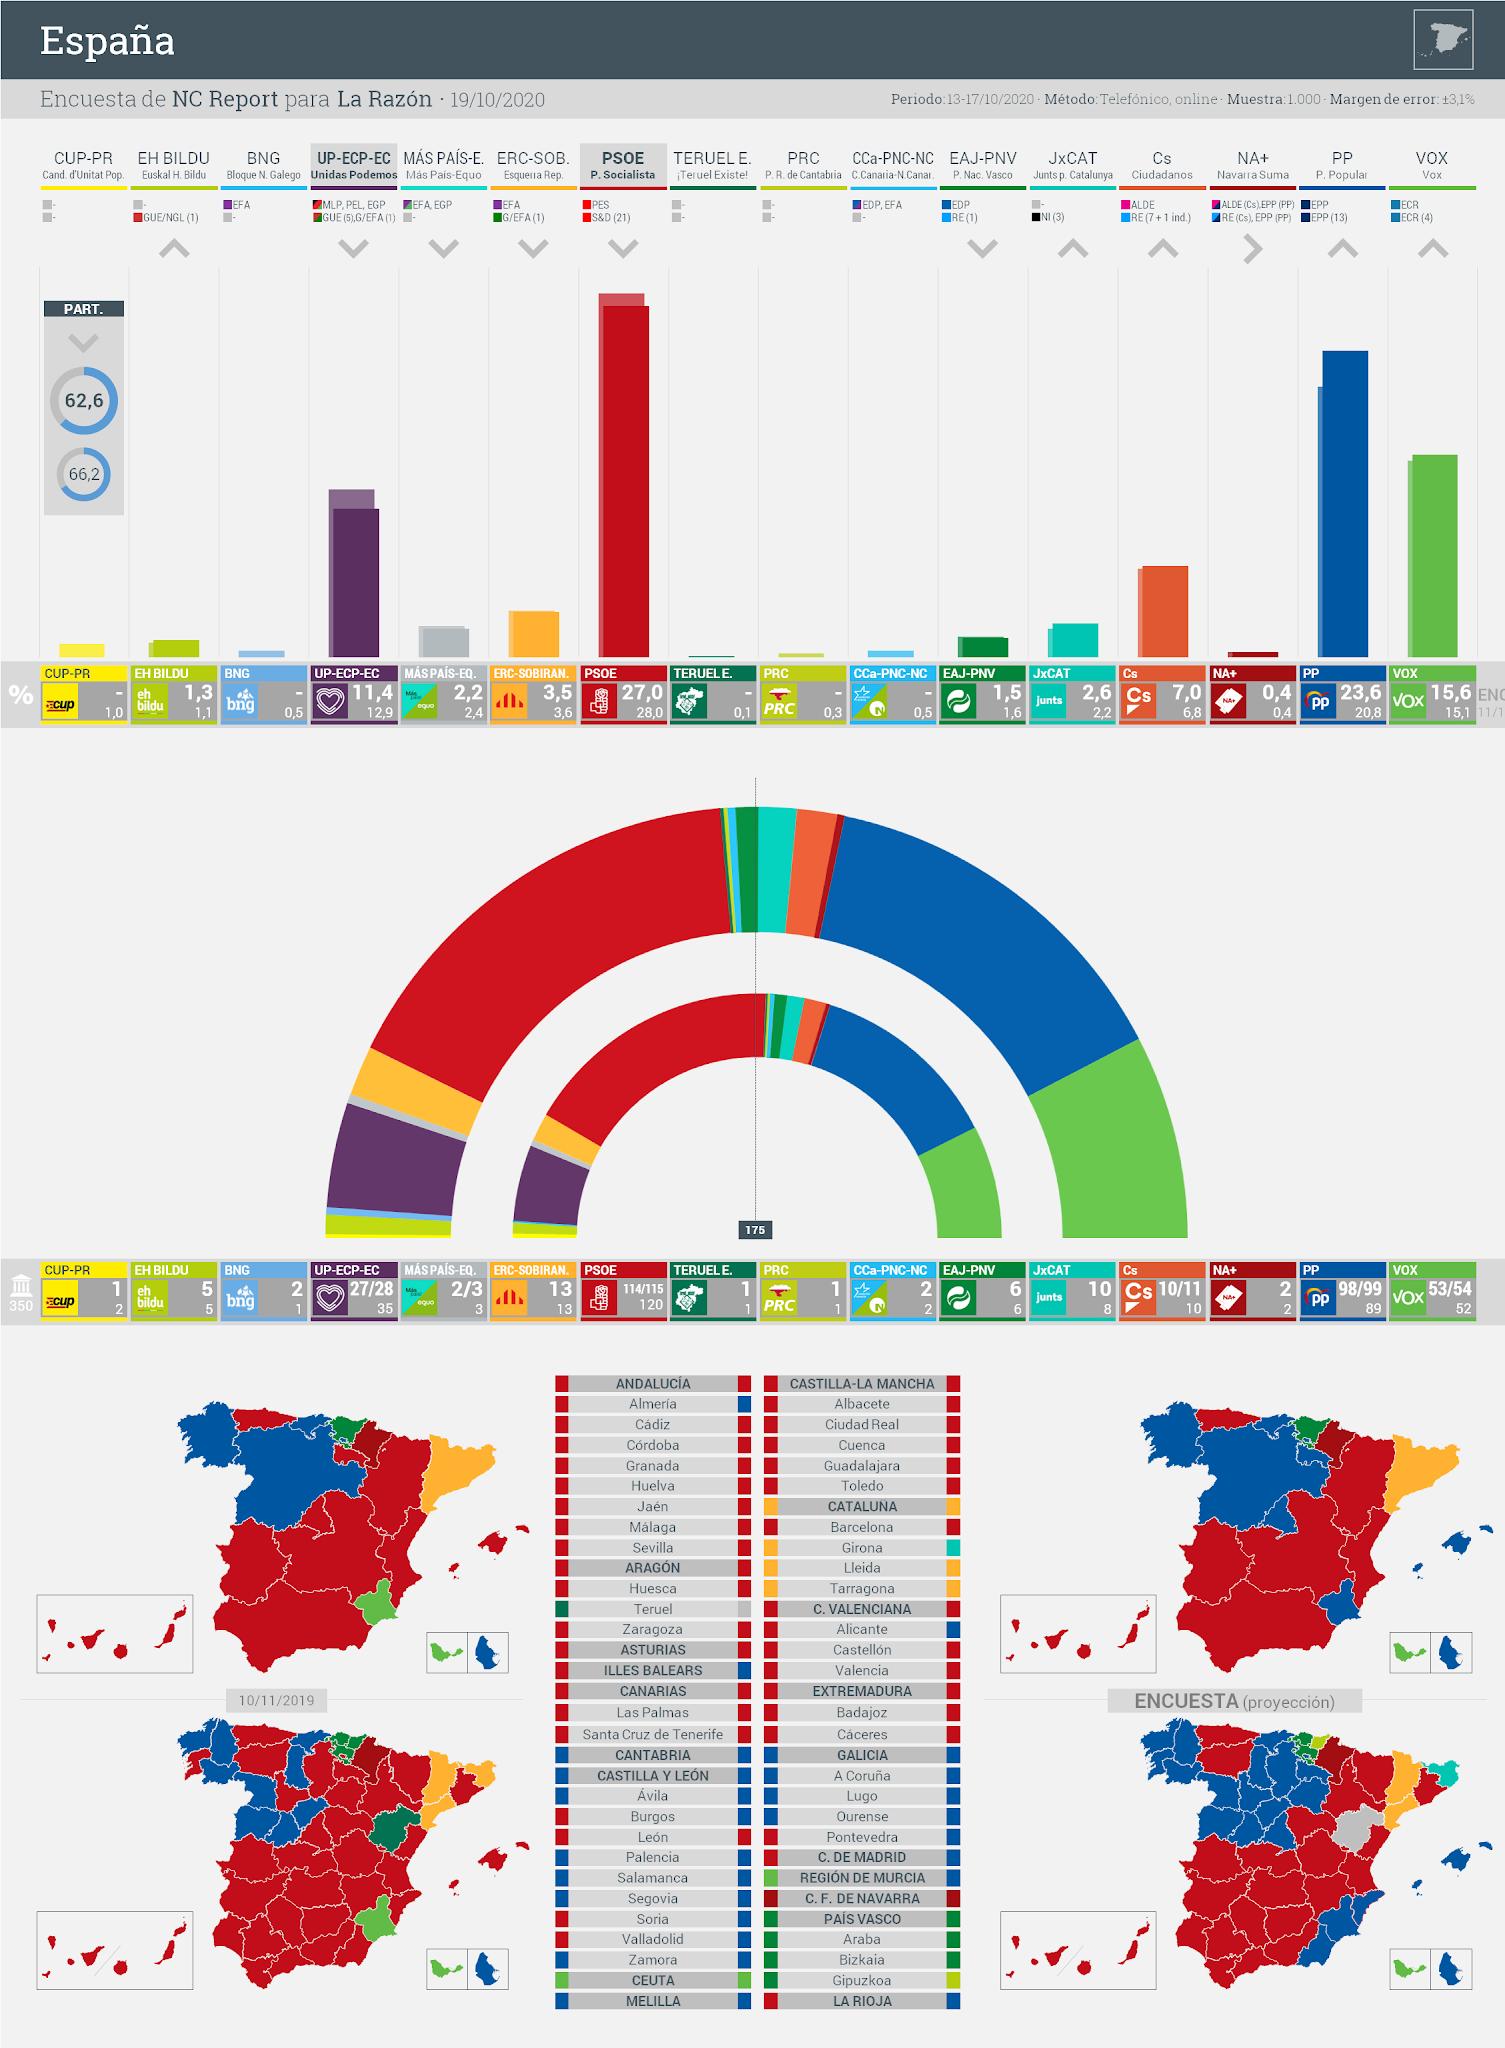 Gráfico de la encuesta para elecciones generales en España realizada por NC Report para La Razón, 19 de octubre de 2020